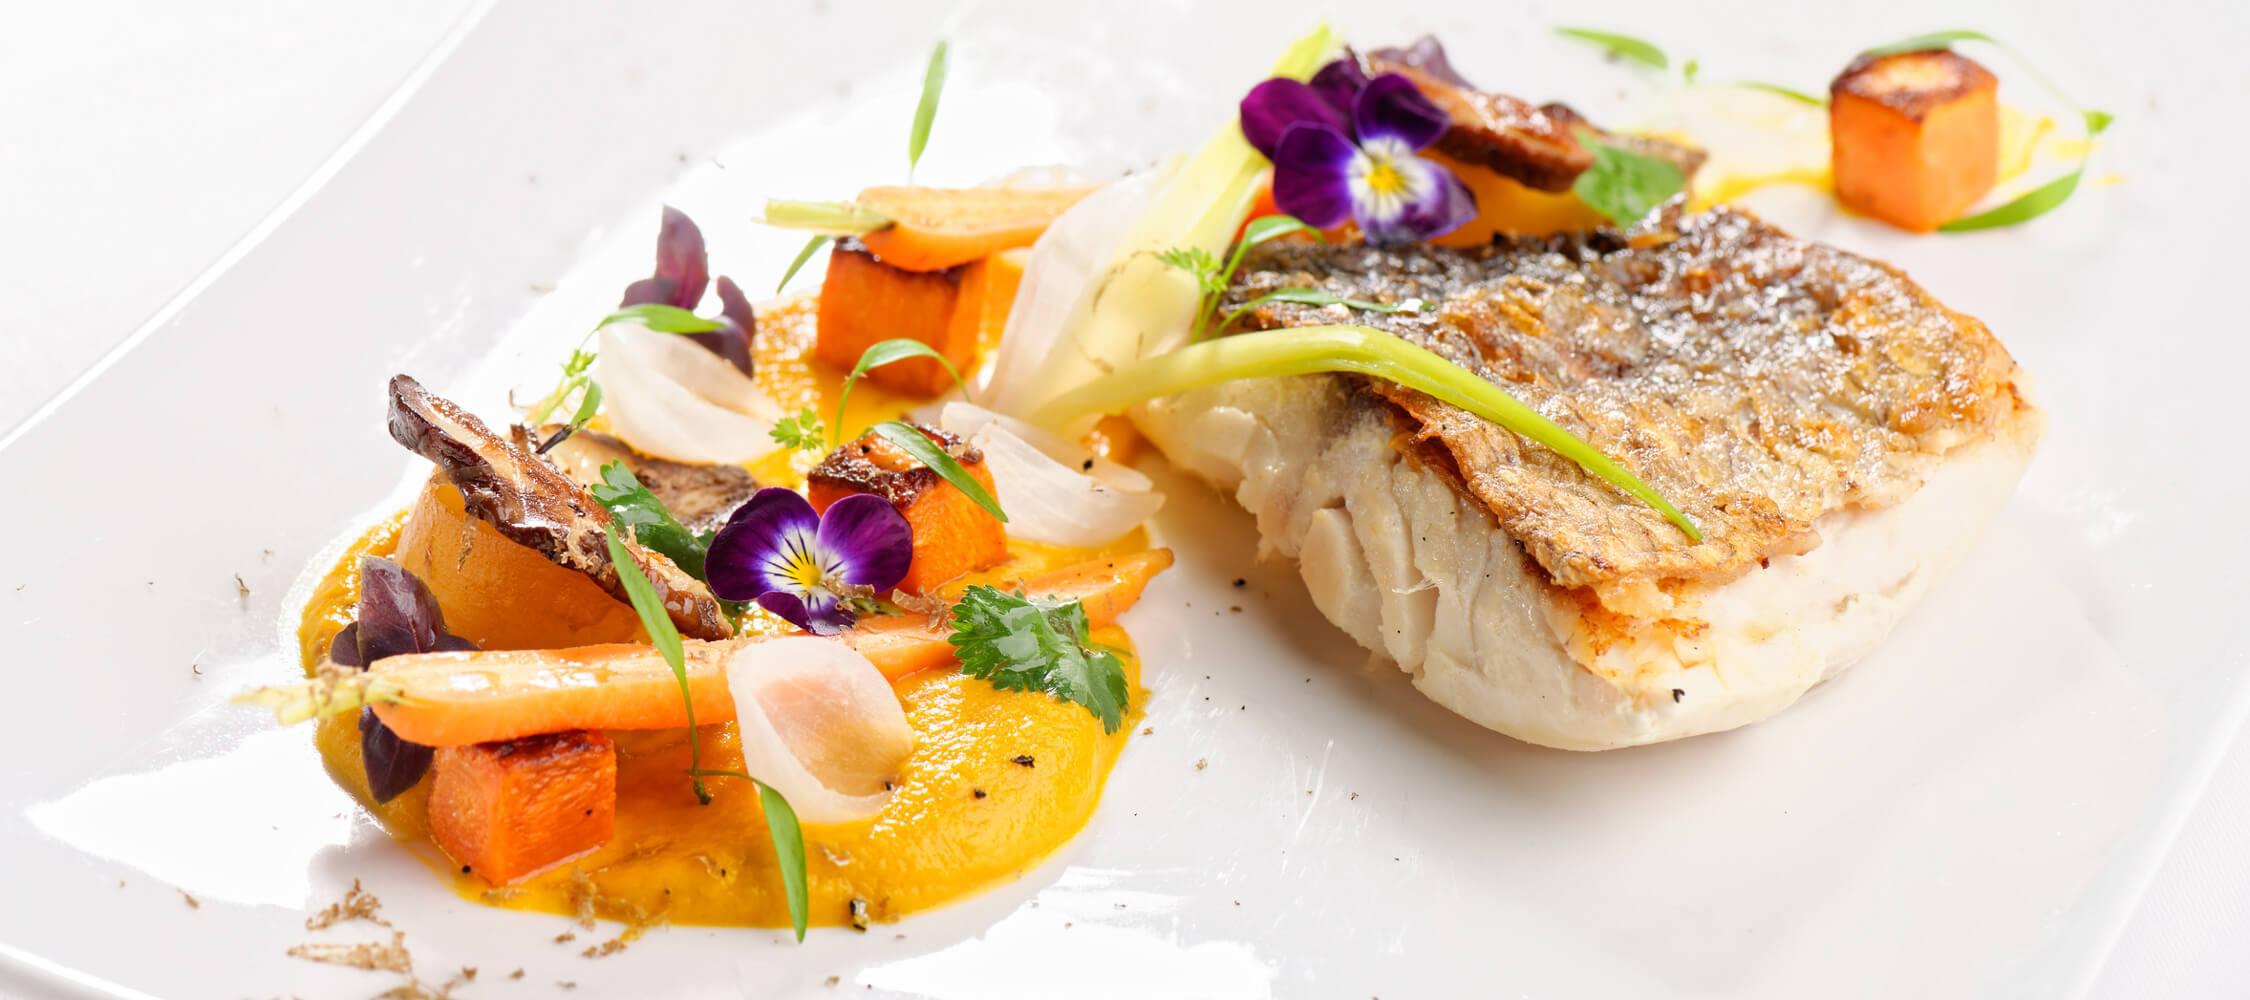 Restaurant_Tapas_Bar_The_Gallery_City_Hotel_Merano_Essen_Fisch_Vorspeise_Hauptspeise_Dinner_Abend_Menu_127979754_2250x1000